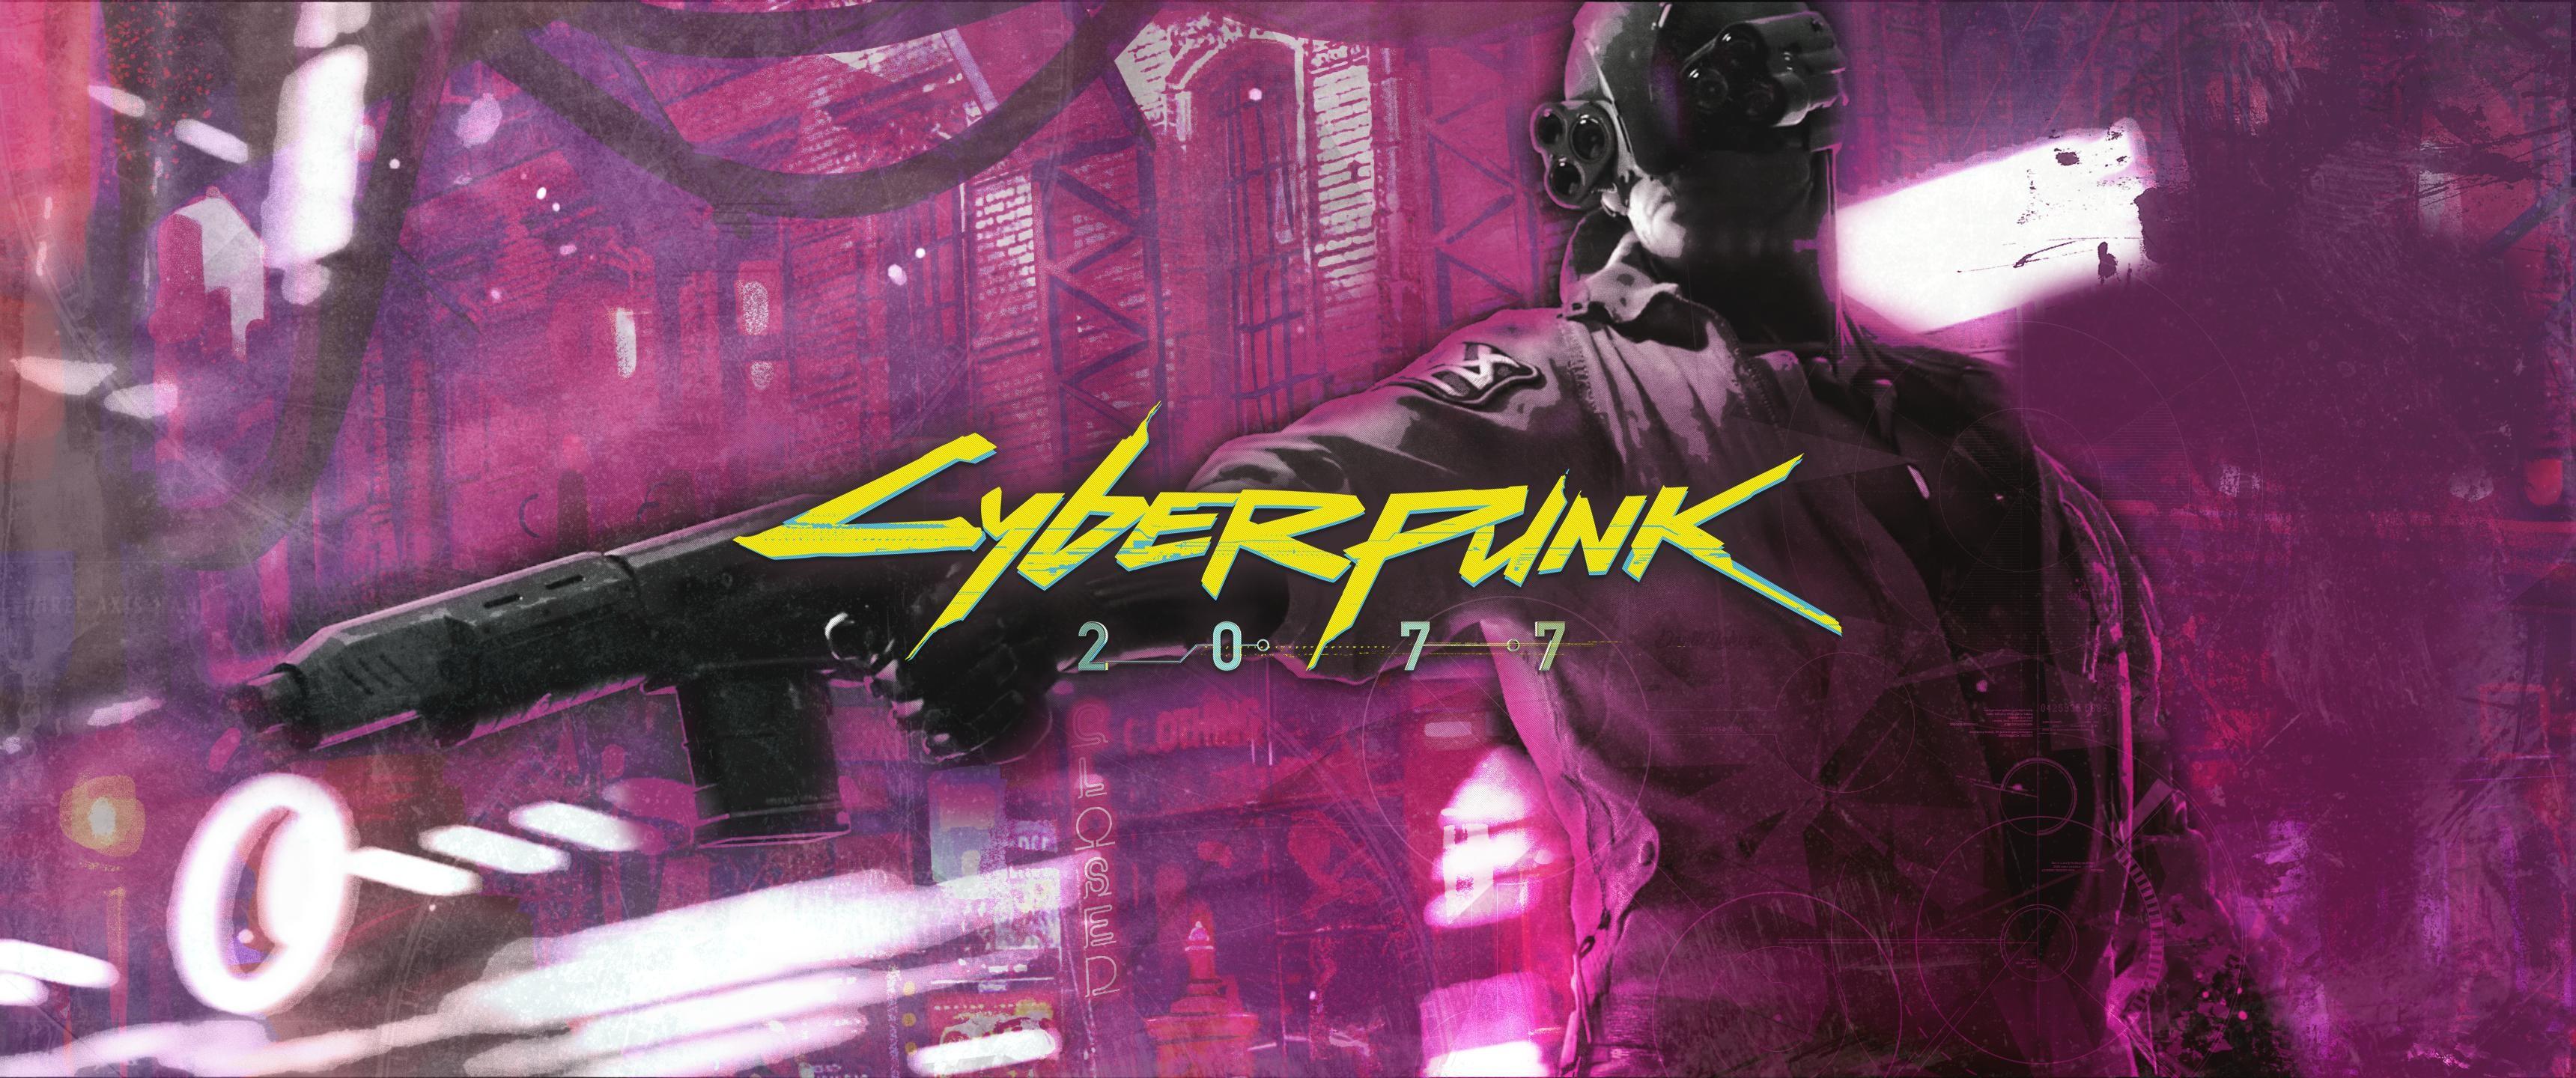 Cyberpunk 2077 Wallpaper (83+ Images